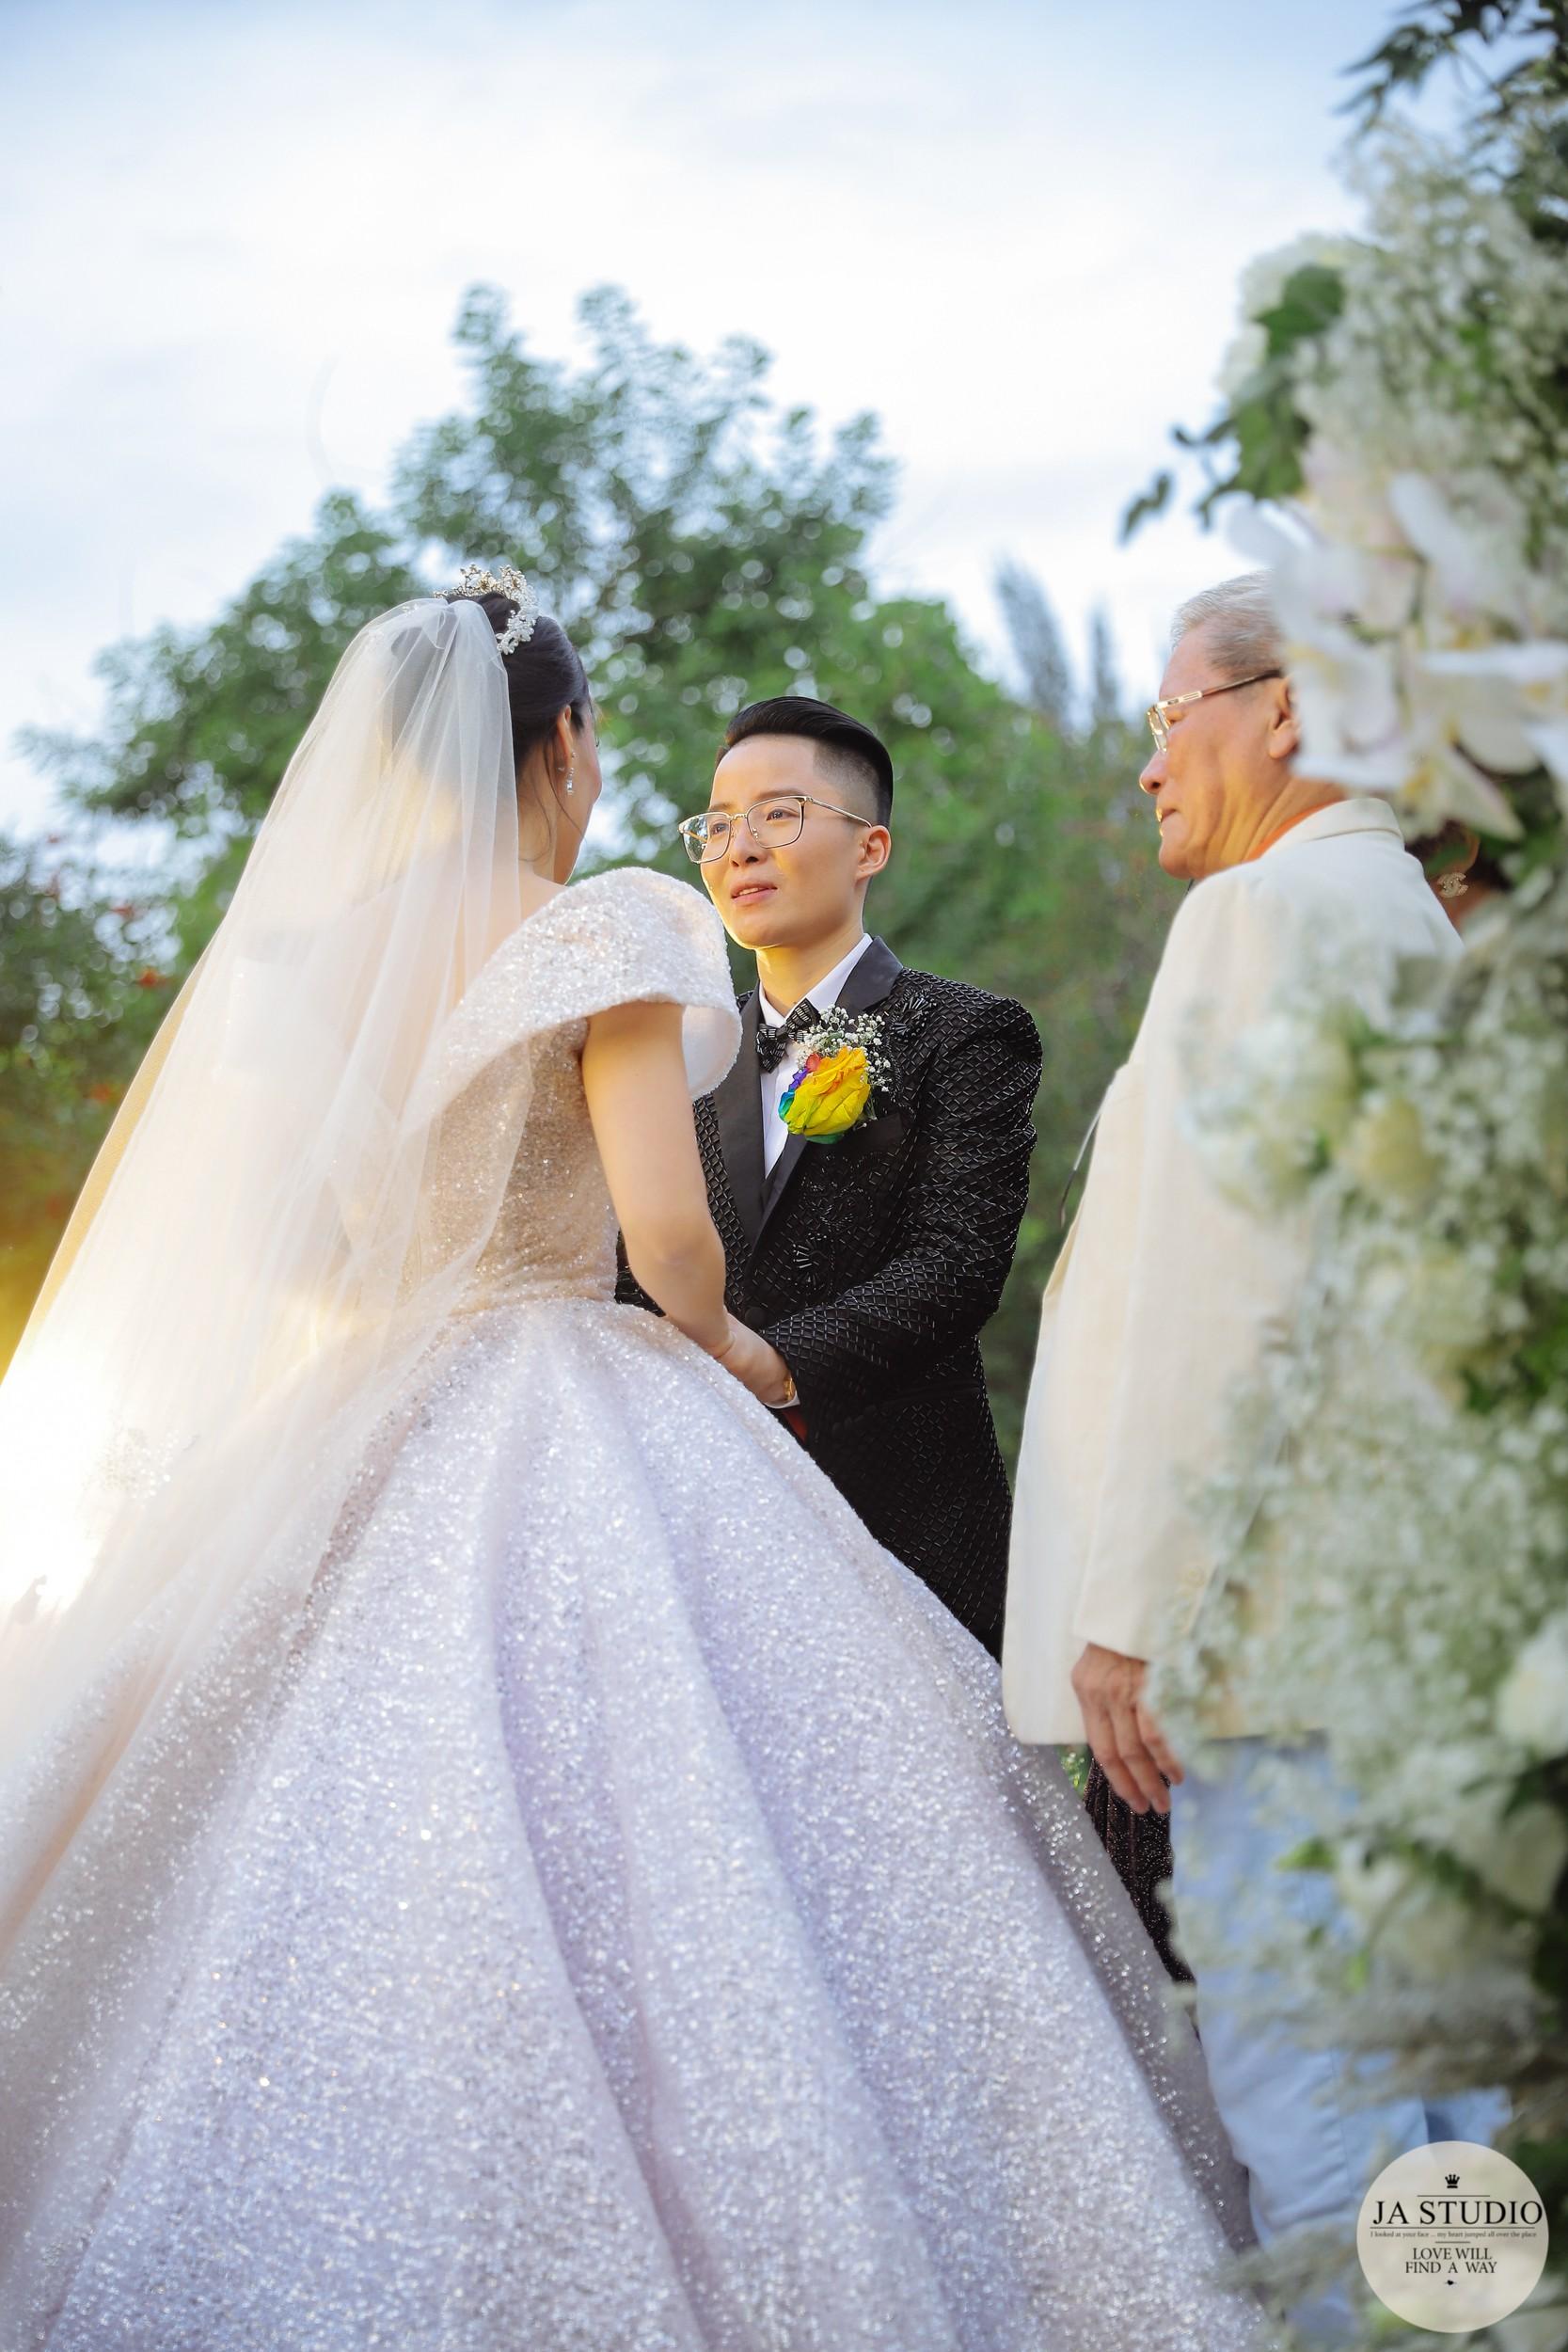 9X chuyển giới Tú Lơ Khơ cưới vợ hơn 21 tuổi, tiết lộ đang trong quá trình chuẩn bị có con chung - Ảnh 3.